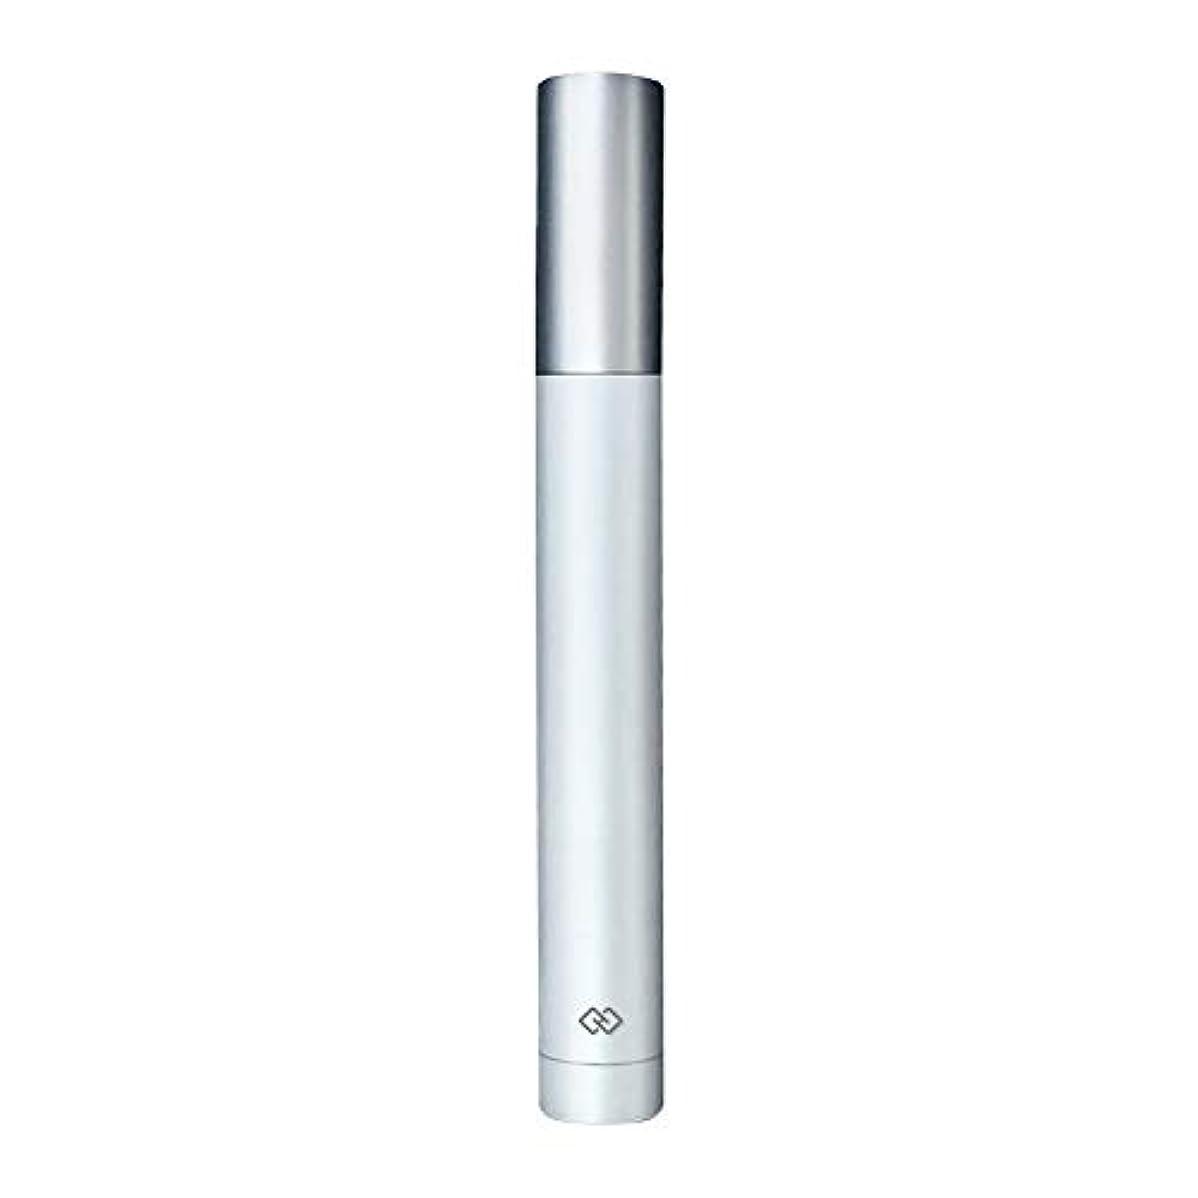 リンスミュージカルフットボール鼻毛トリマー-密閉防水効果/シングルカッターヘッドシャープで耐久性のある/男性用剃毛鼻毛はさみ/ポータブルデザイン、旅行に便利/ 12.9 * 1.65cm 操作が簡単 (Color : White)